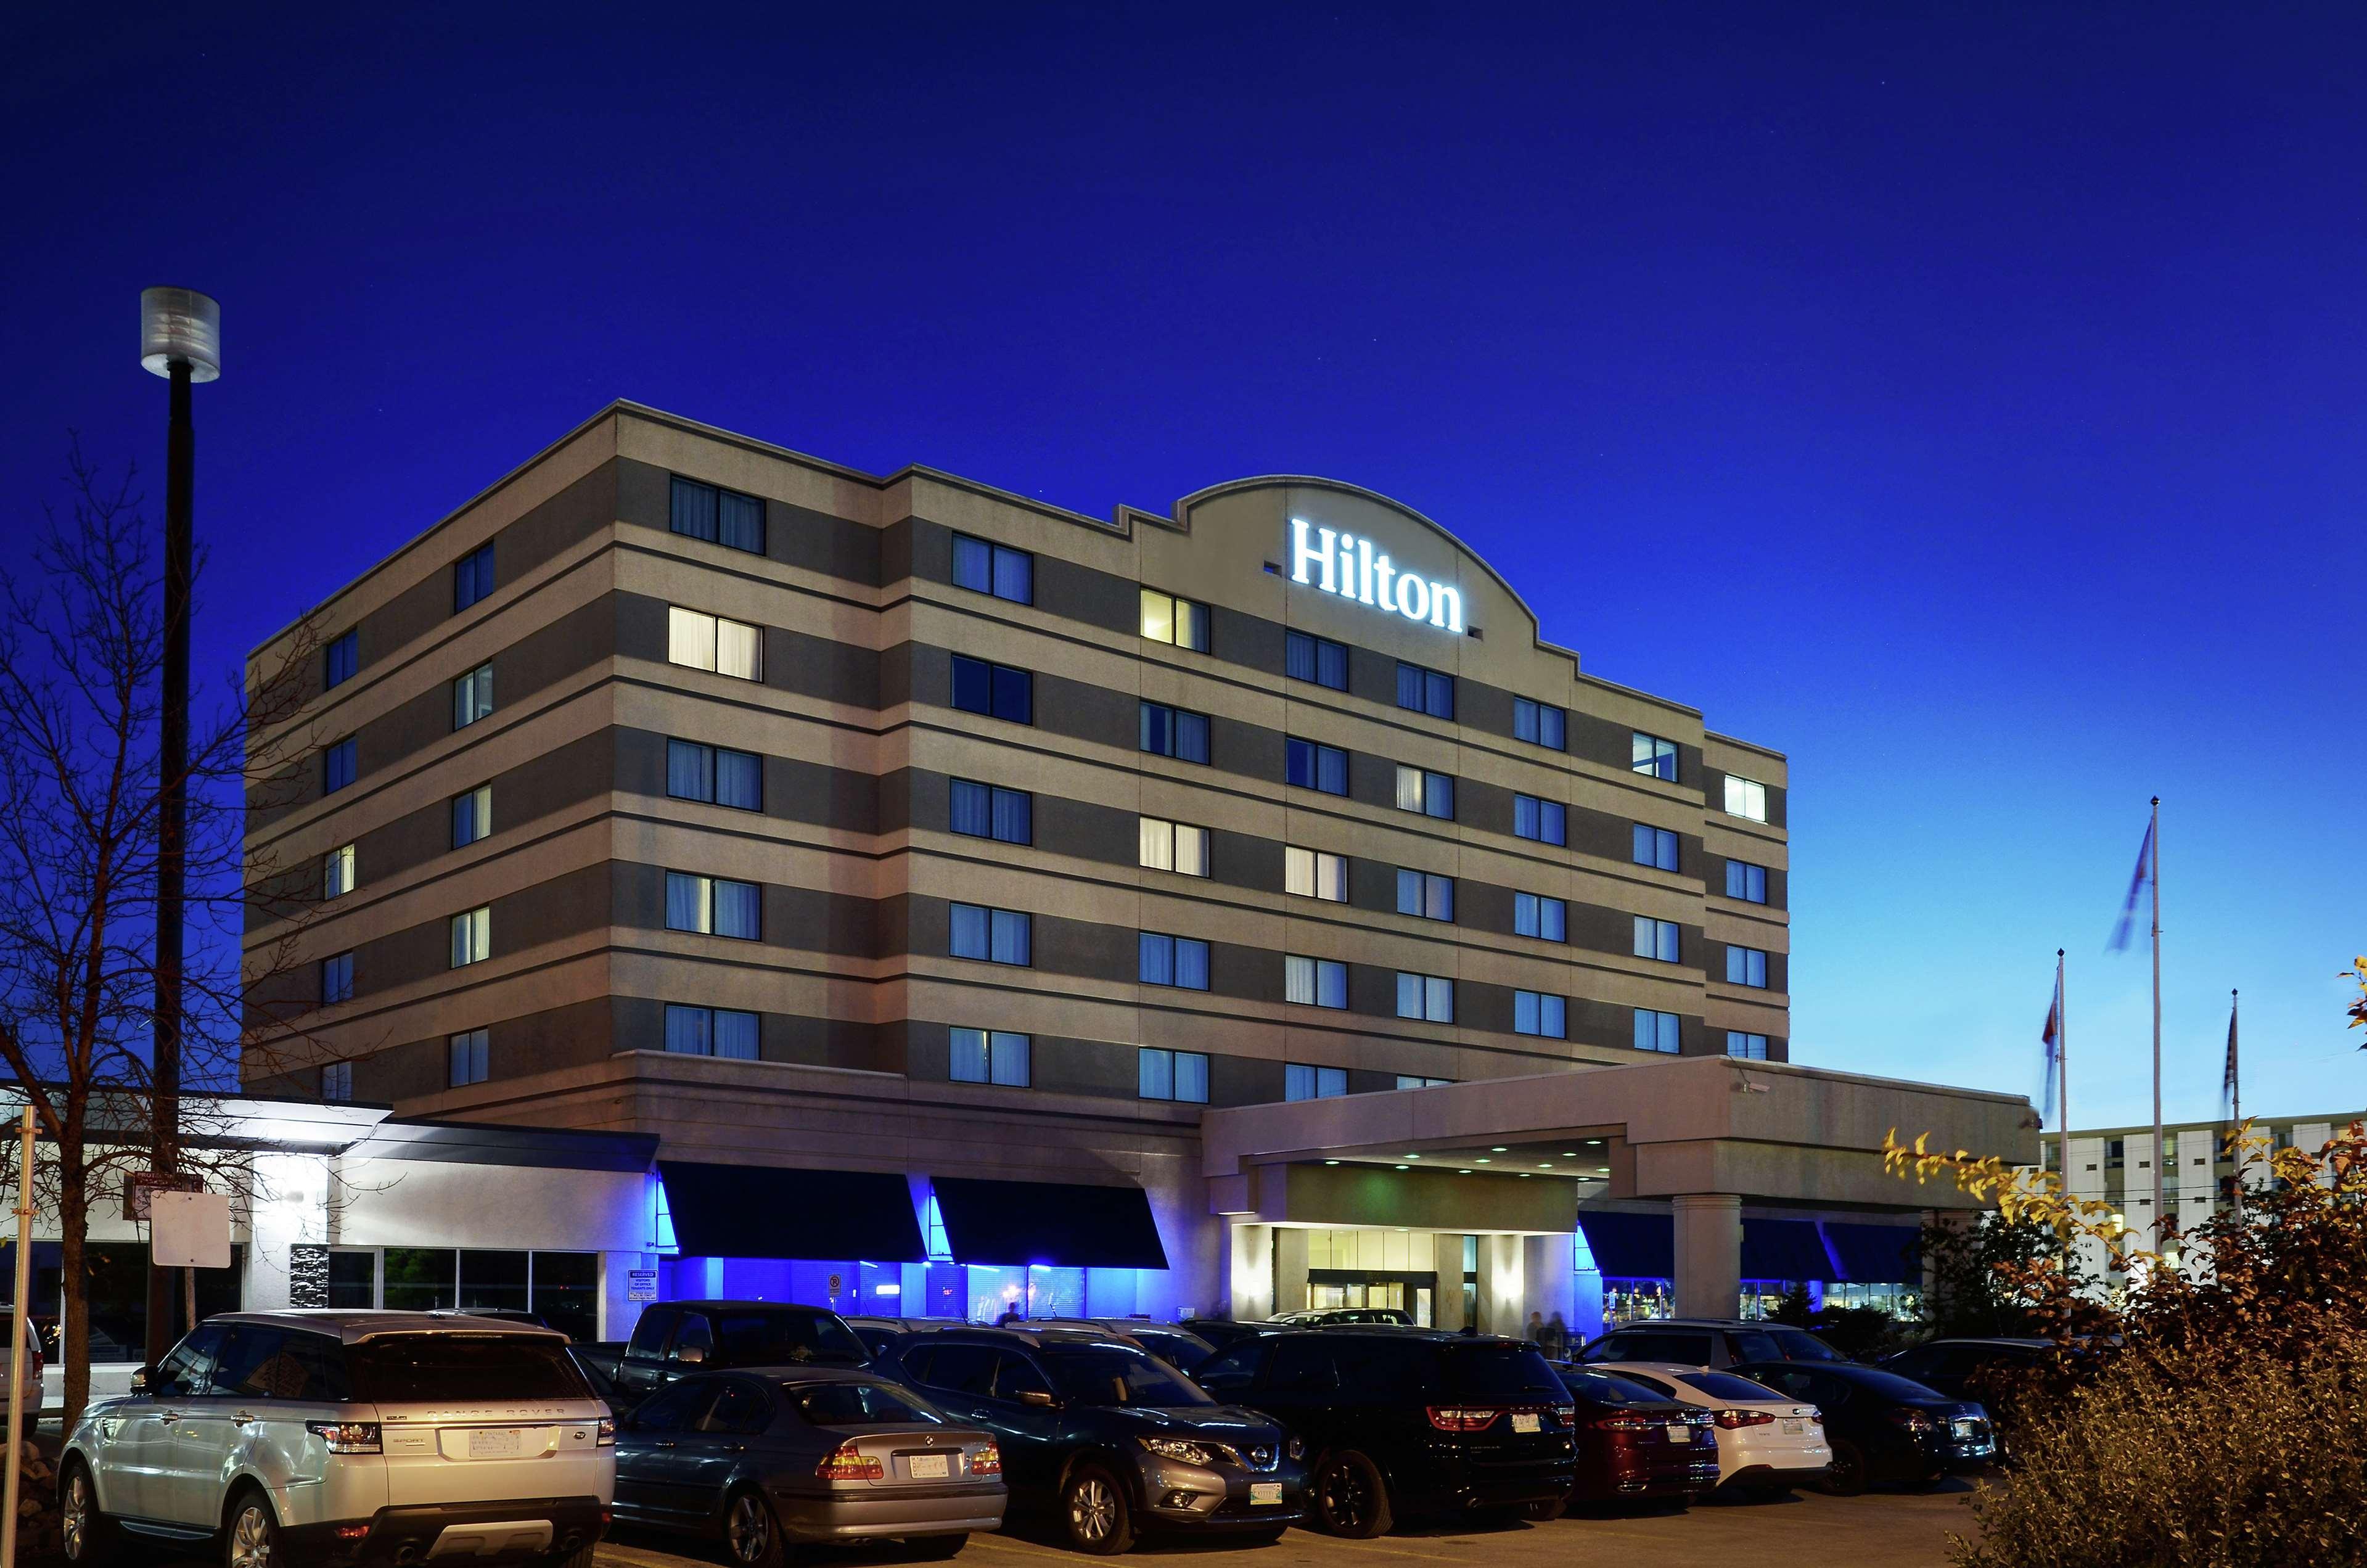 Hilton Suites Winnipeg Airport, Division No. 11